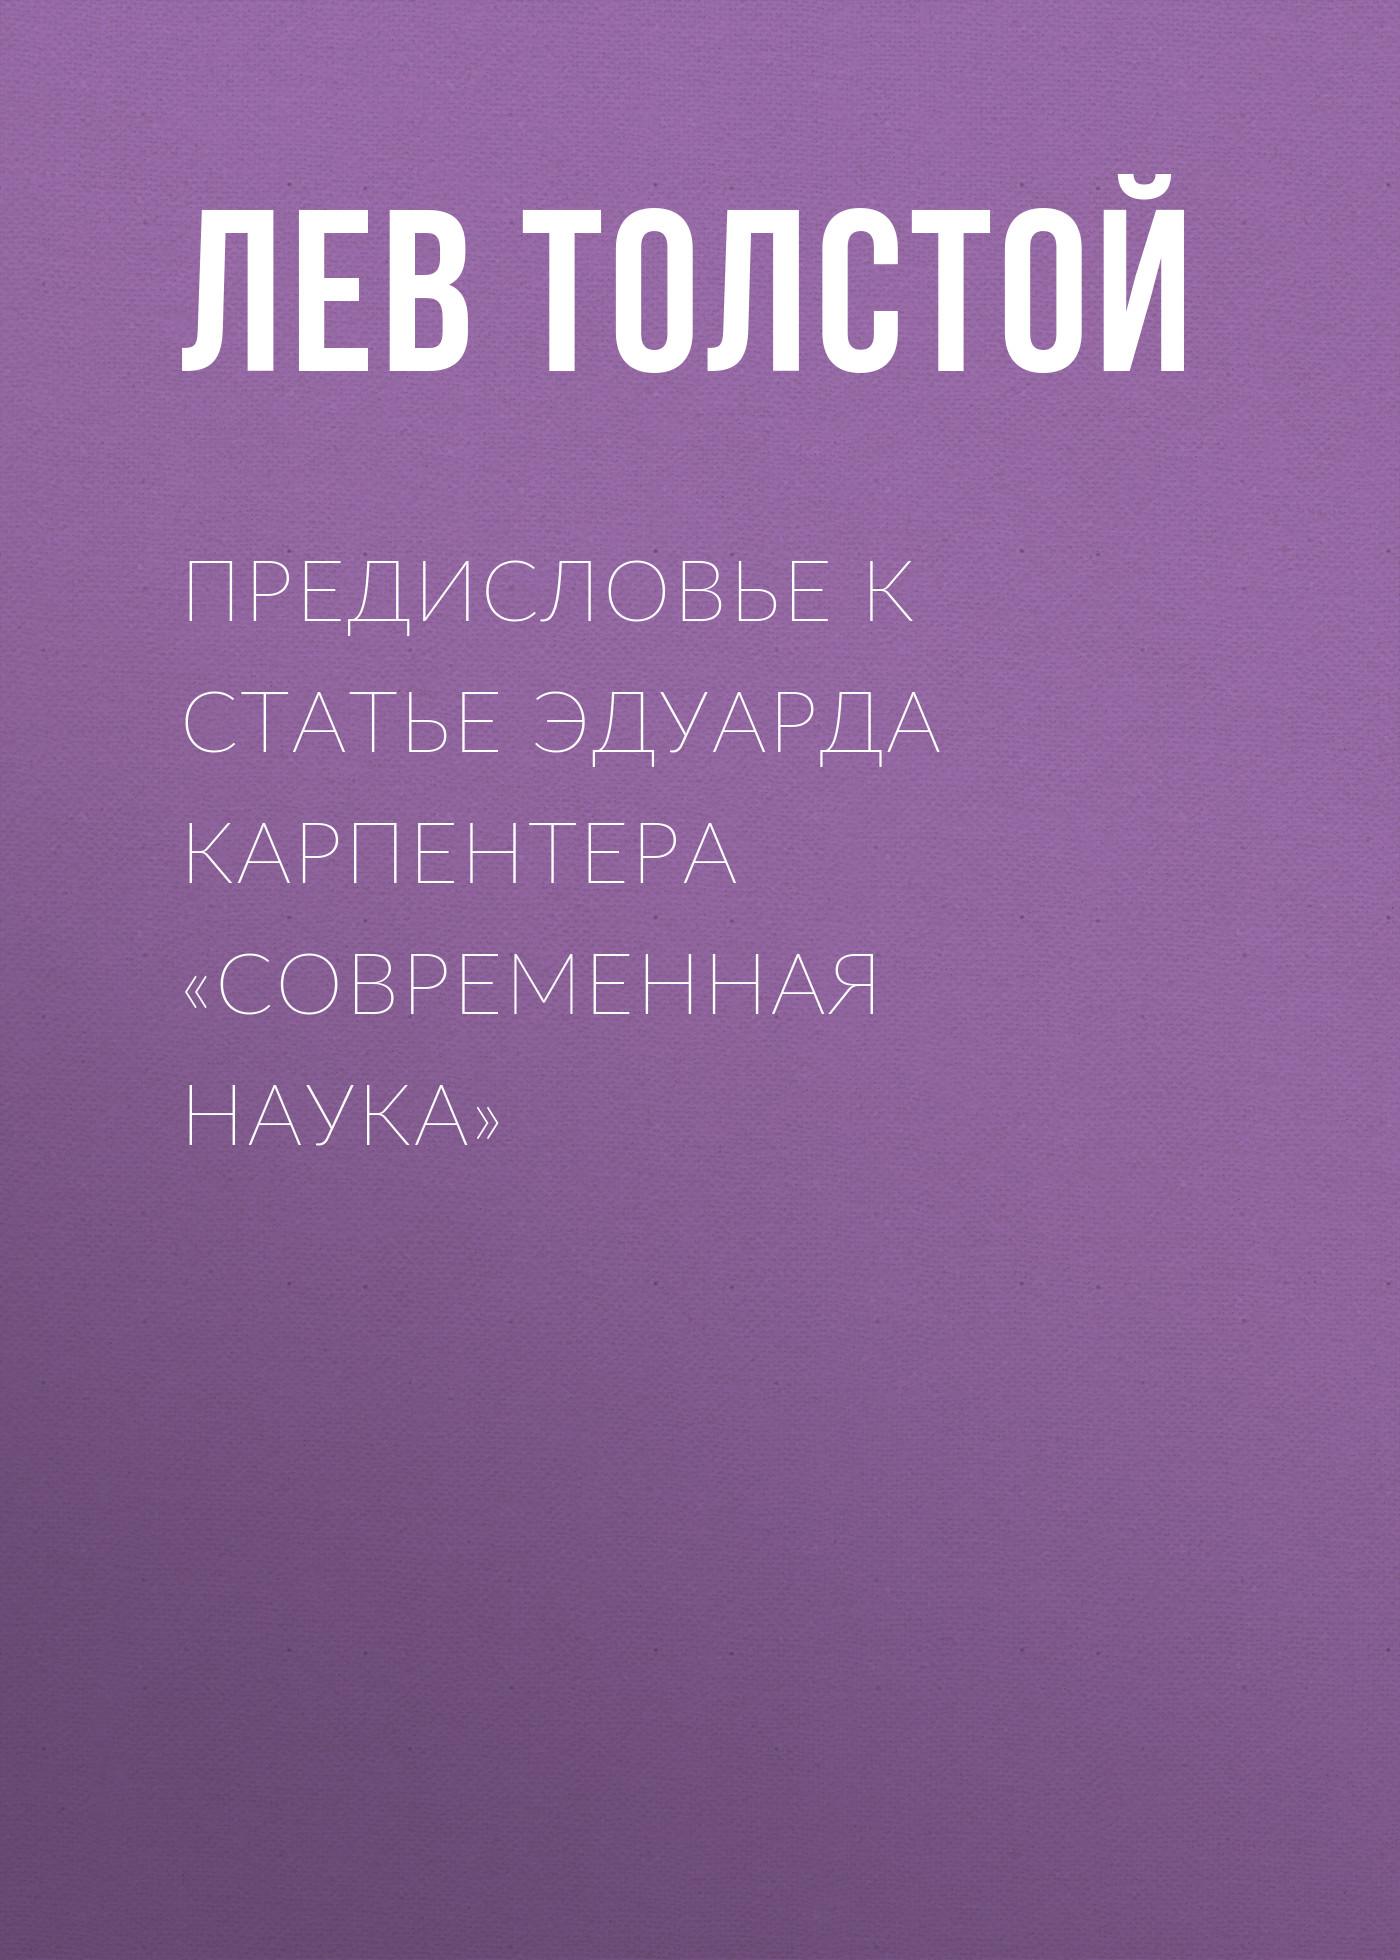 Купить книгу Предисловье к статье Эдуарда Карпентера «Современная наука», автора Льва Толстого